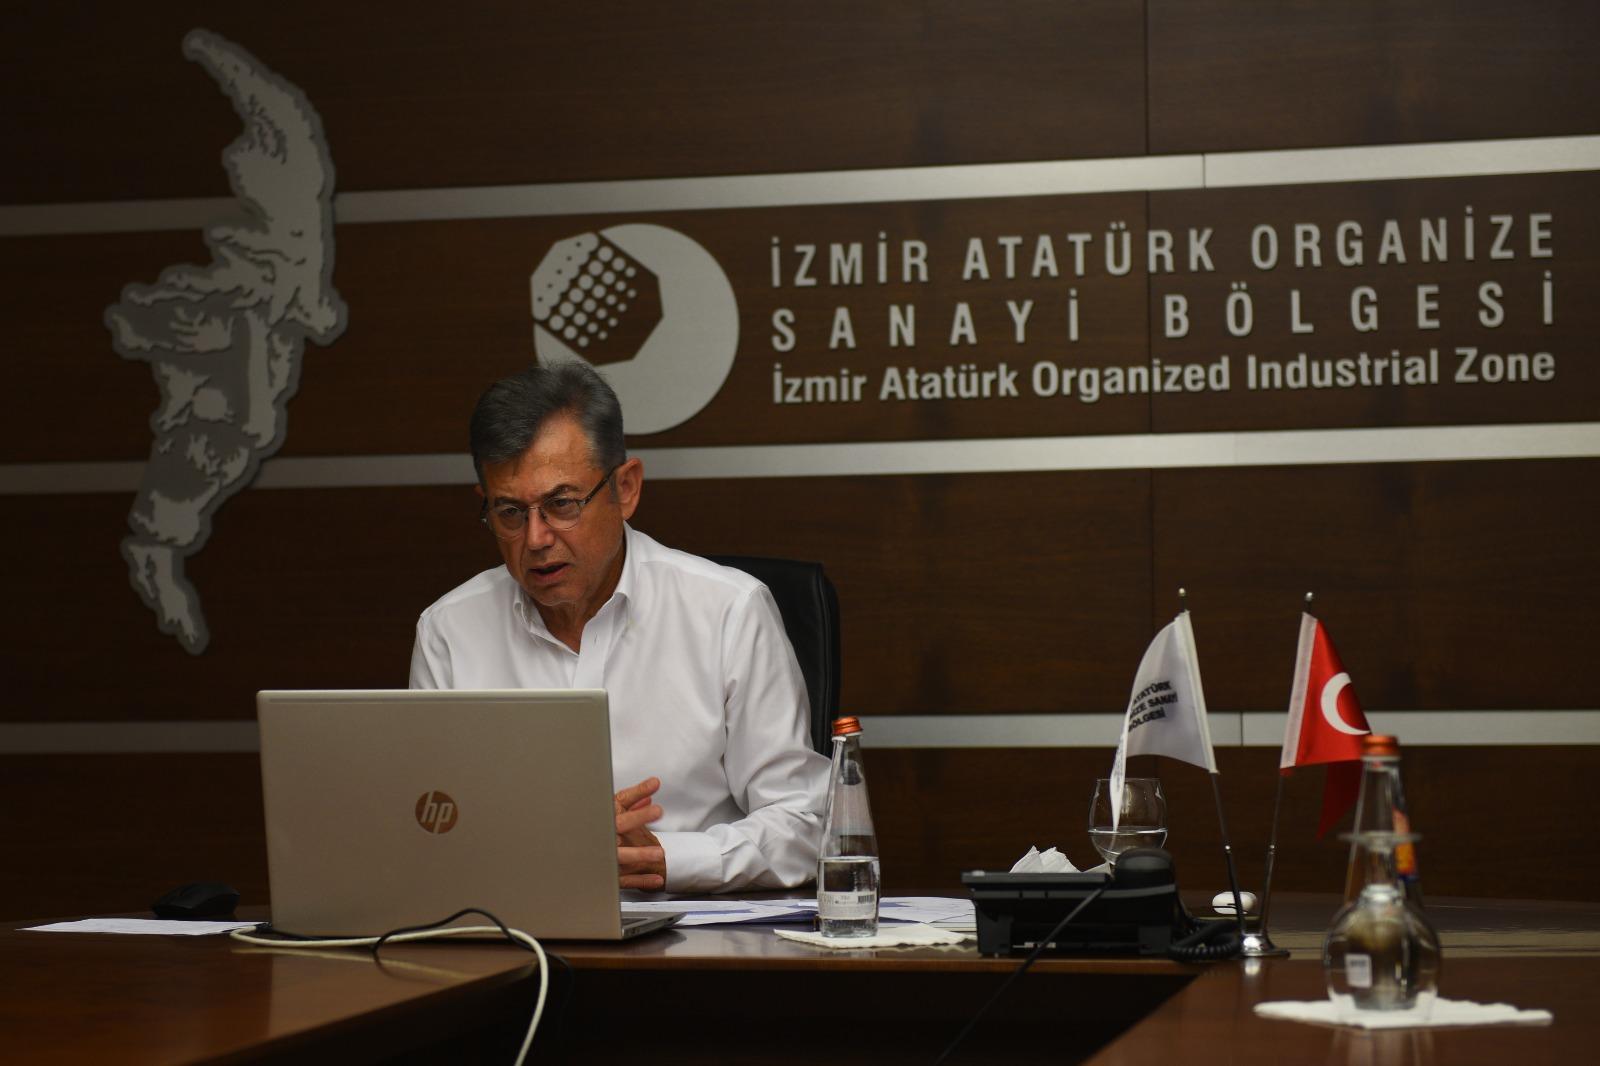 Sanayicilerden Hükümete Çağrı: Kıdem Tazminatı'na Biz de Dahil Olalım